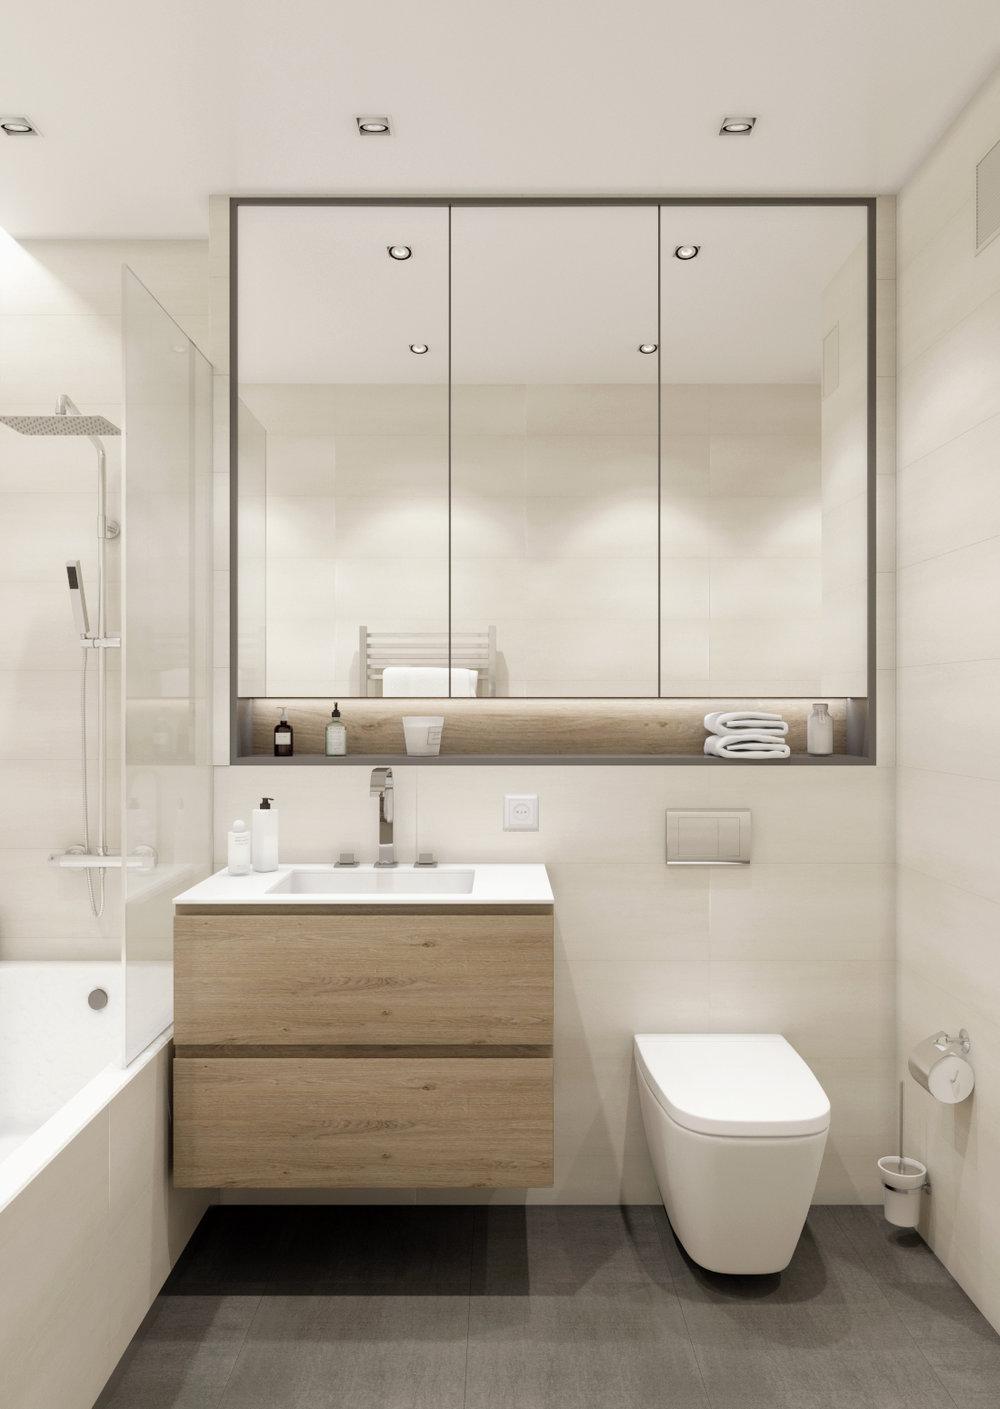 Ванная  комната ракурс 1.jpg